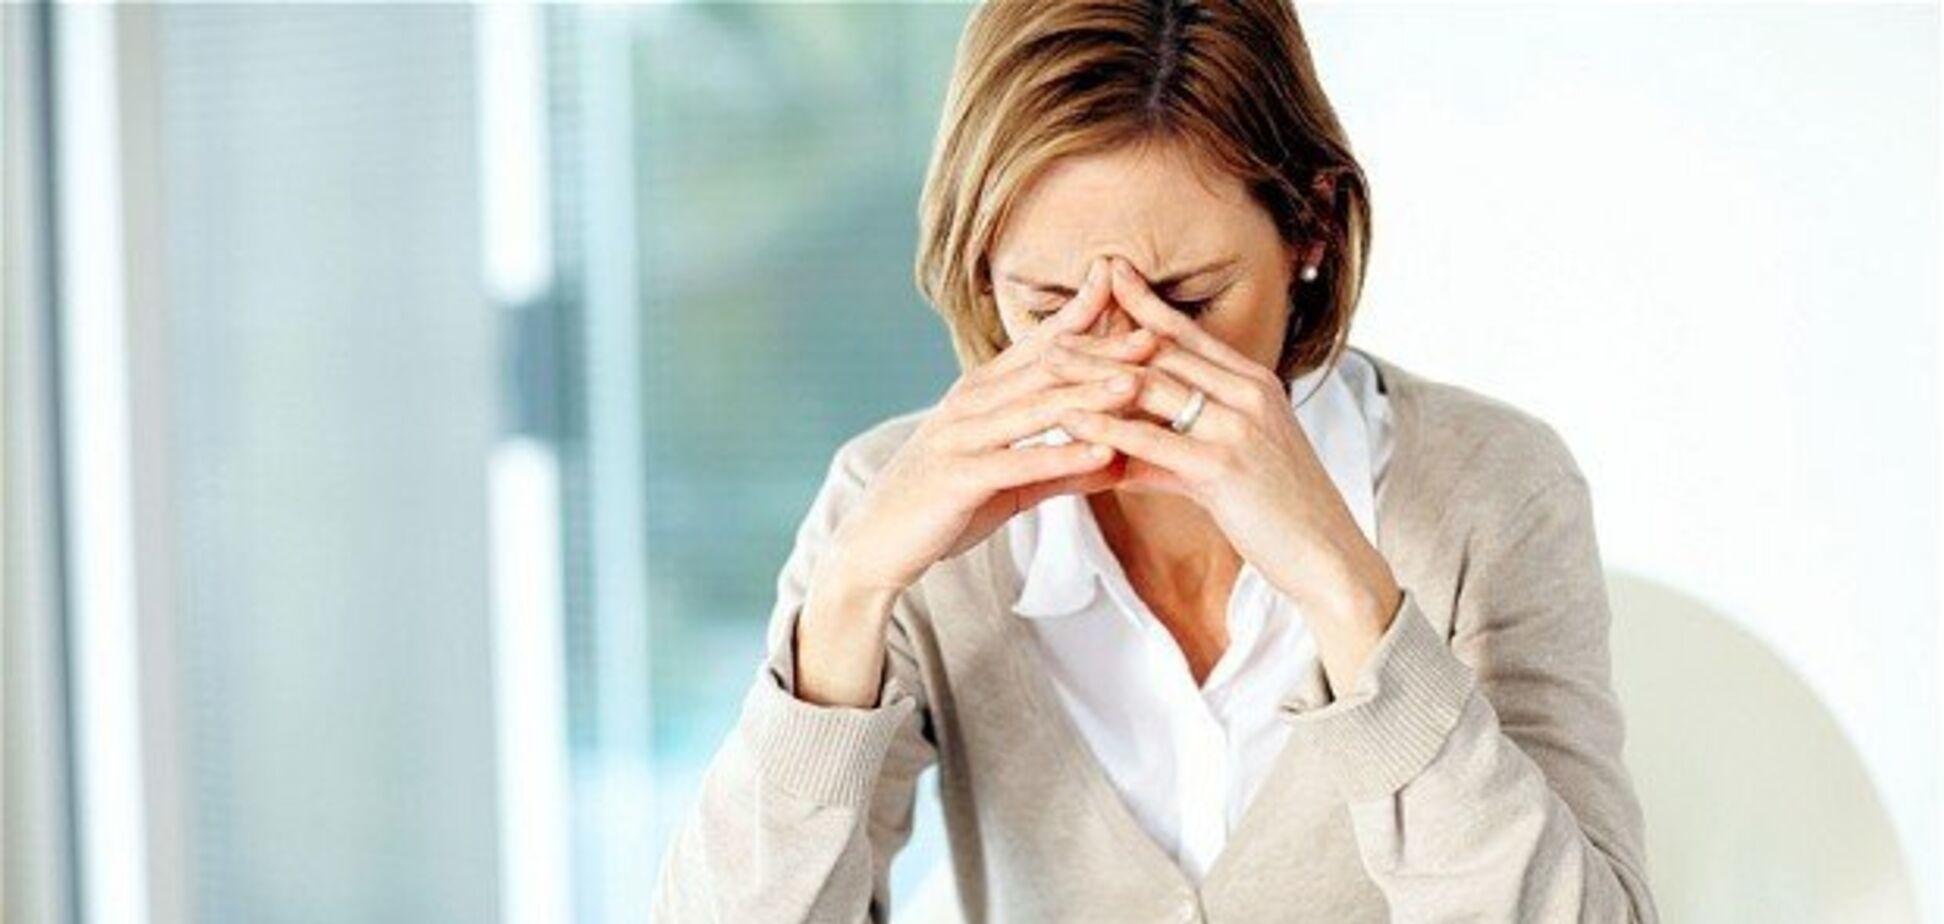 Женщины чаще страдают от проблем со щитовидкой – эндокринолог